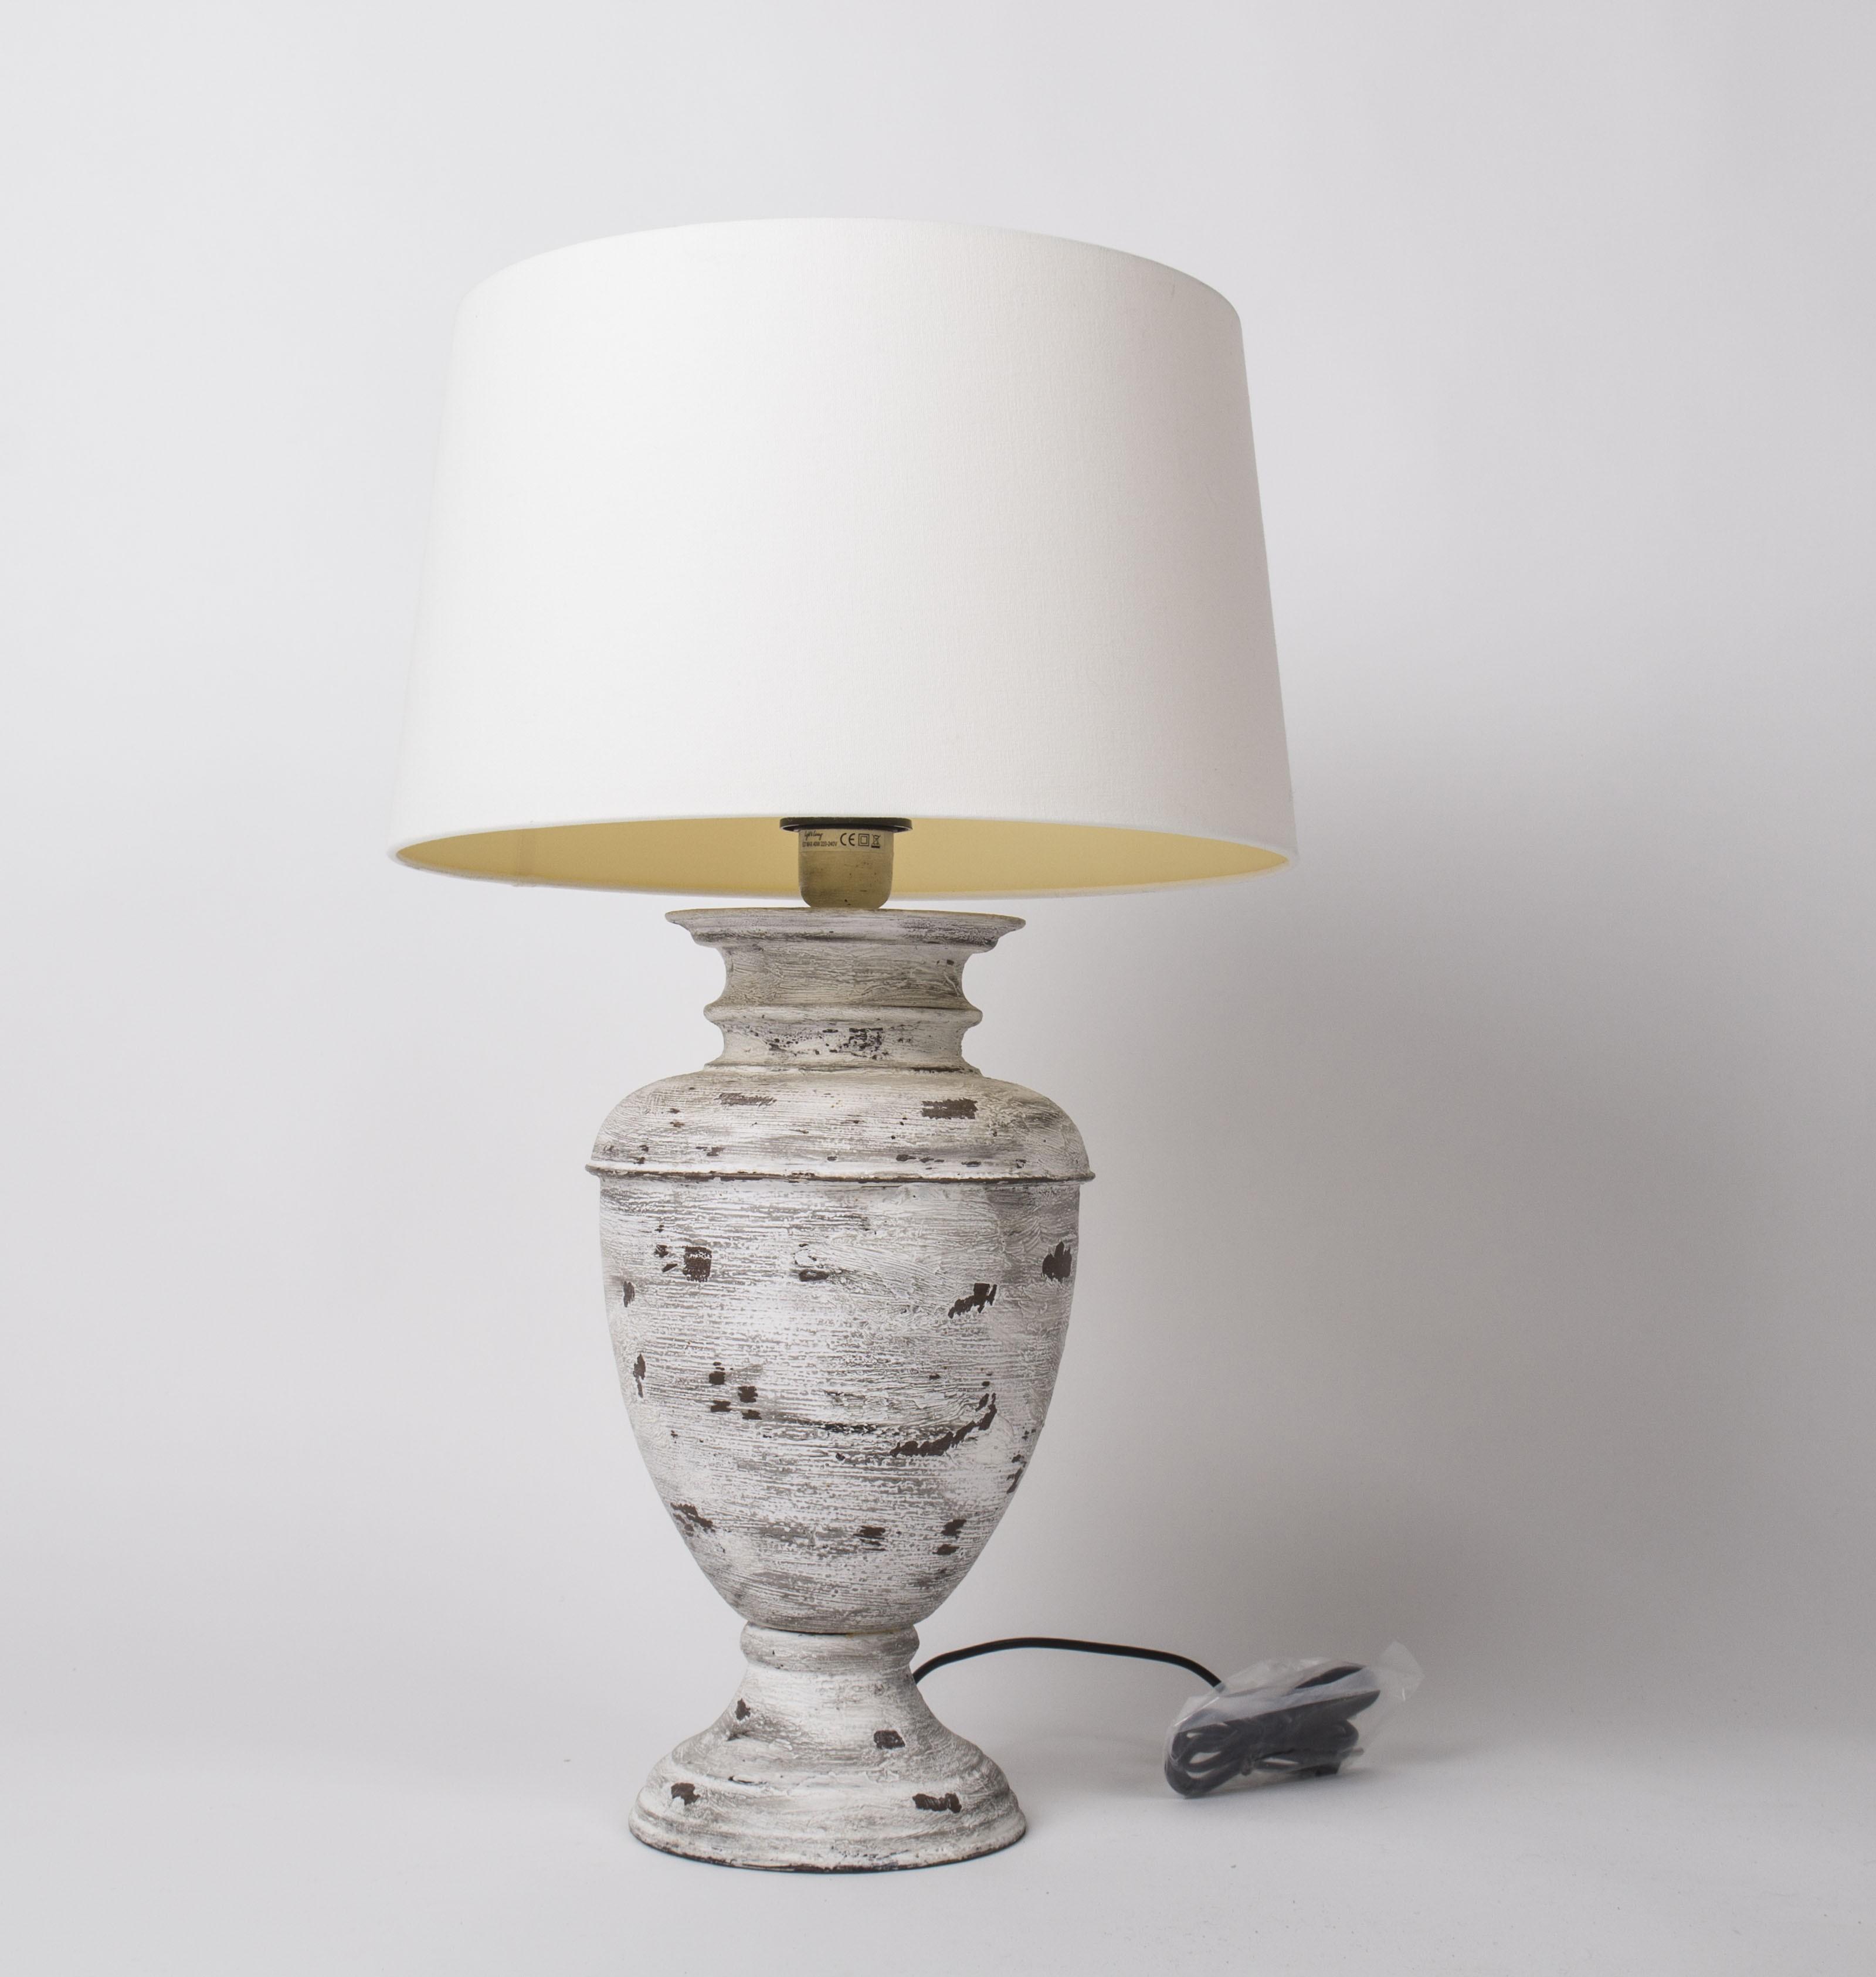 Tischlampe vintage mit Lampenschirm creme, Tischleuchte im Landhausstil, Höhe 67 cm